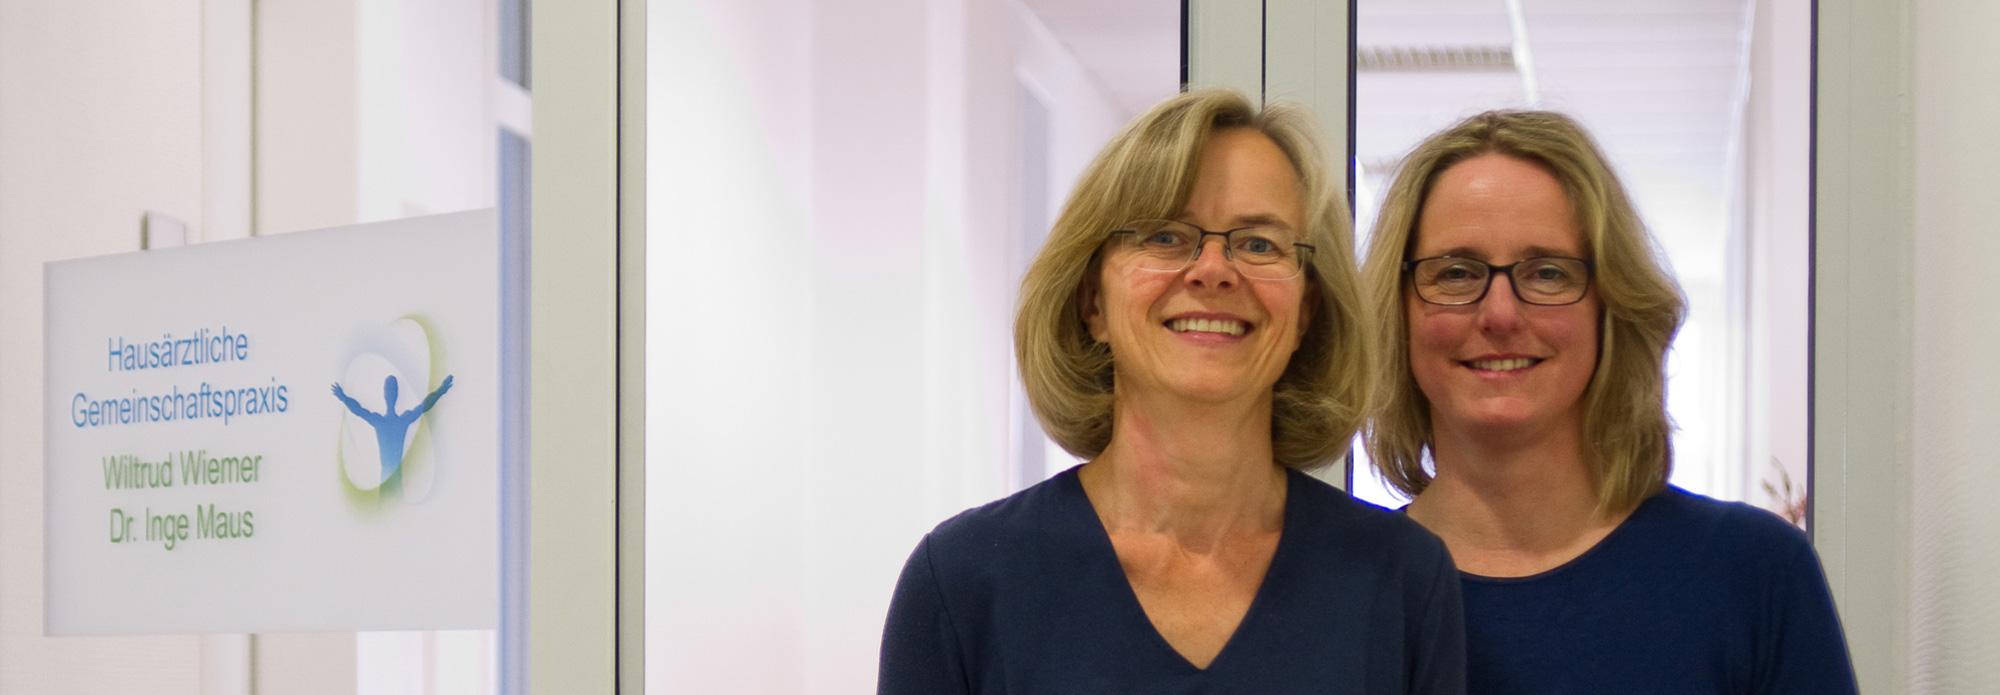 Hausärztliche Gemeinschaftspraxis Wiltrud Wiemer und Dr. Inge Maus